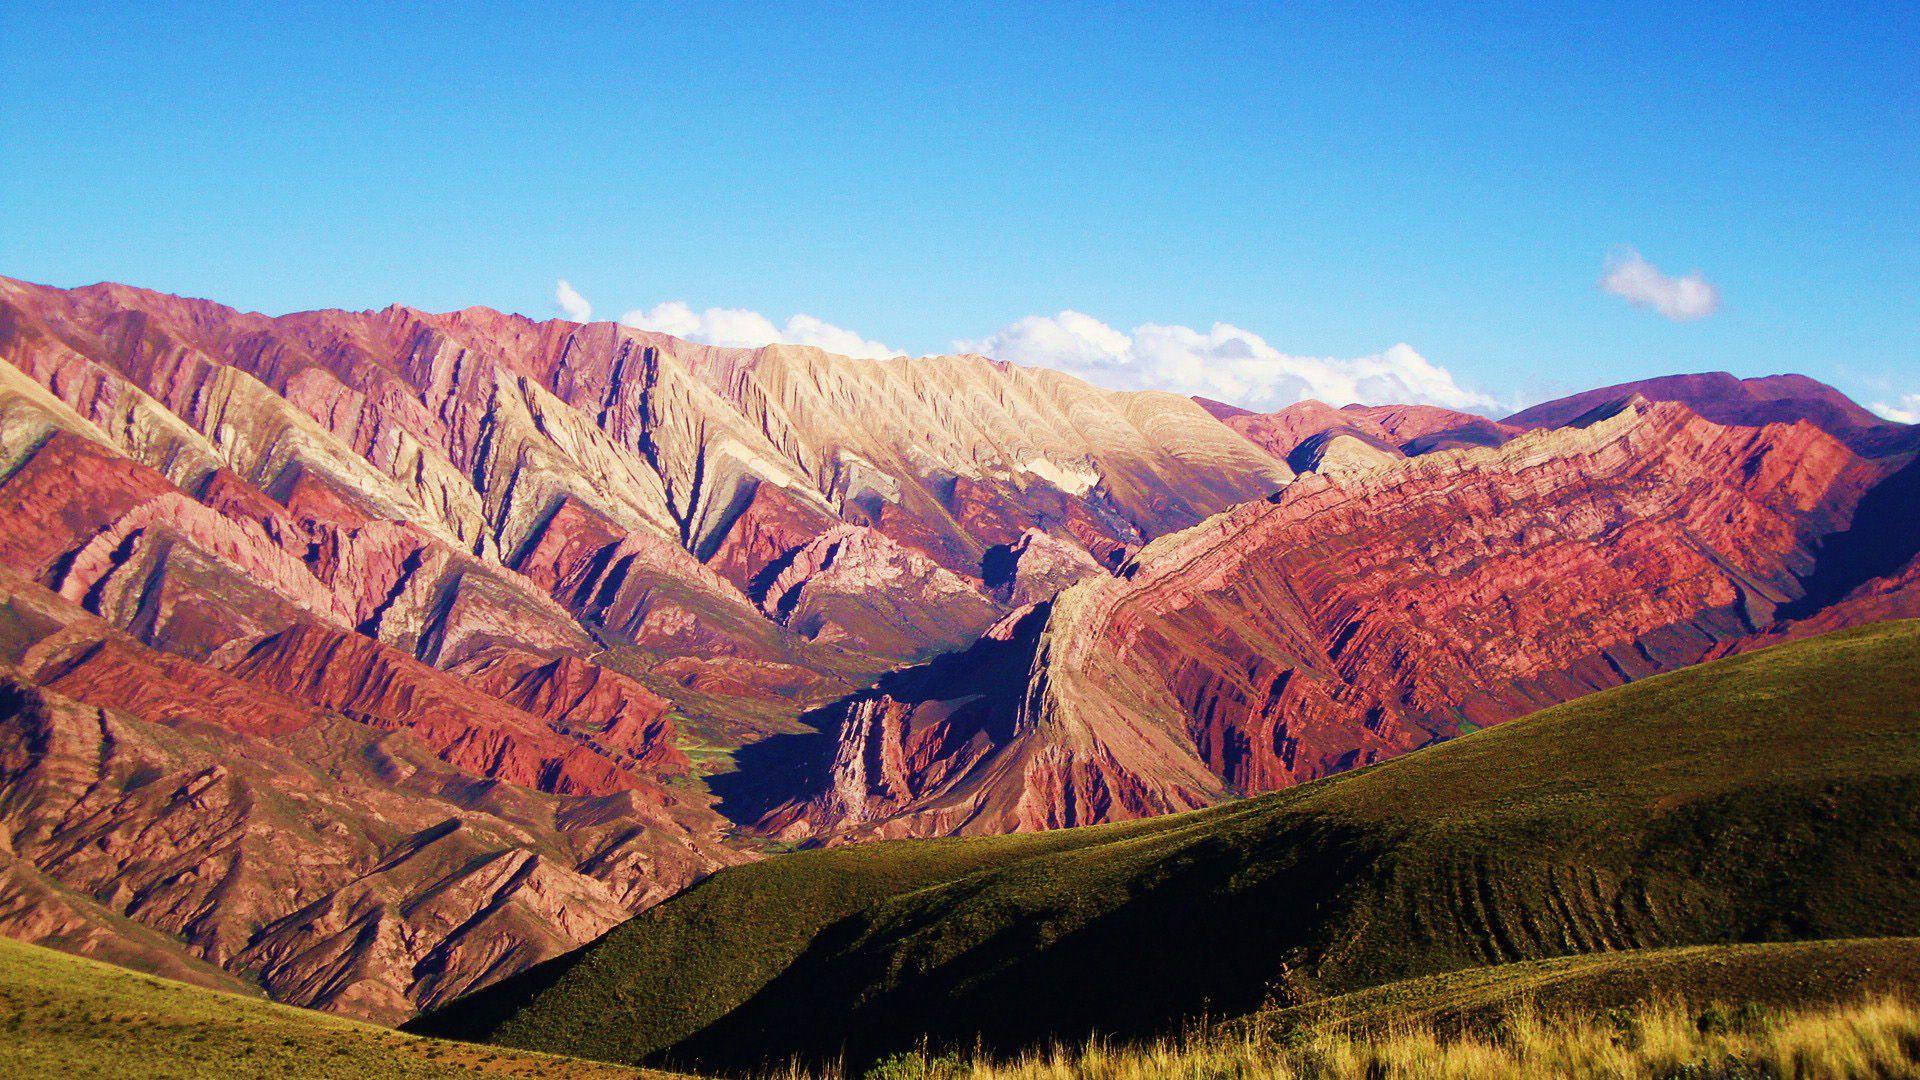 Serranía de Hornocal Mountains, Jujuy, Argentina